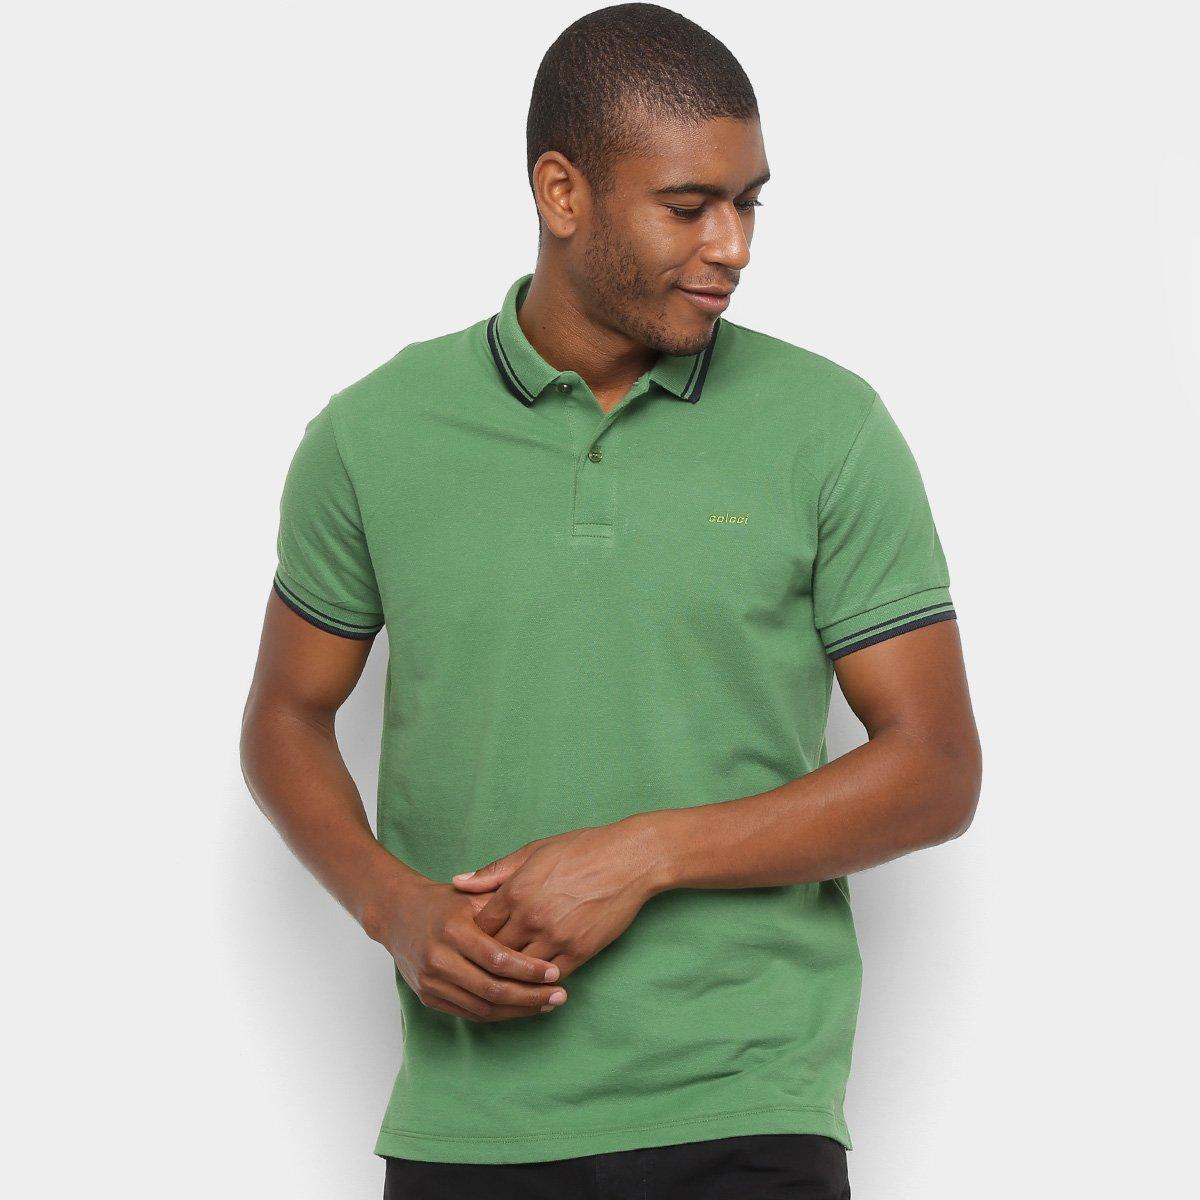 60aa8d734 Camisa Polo Colcci Básica Masculina - Verde - Compre Agora